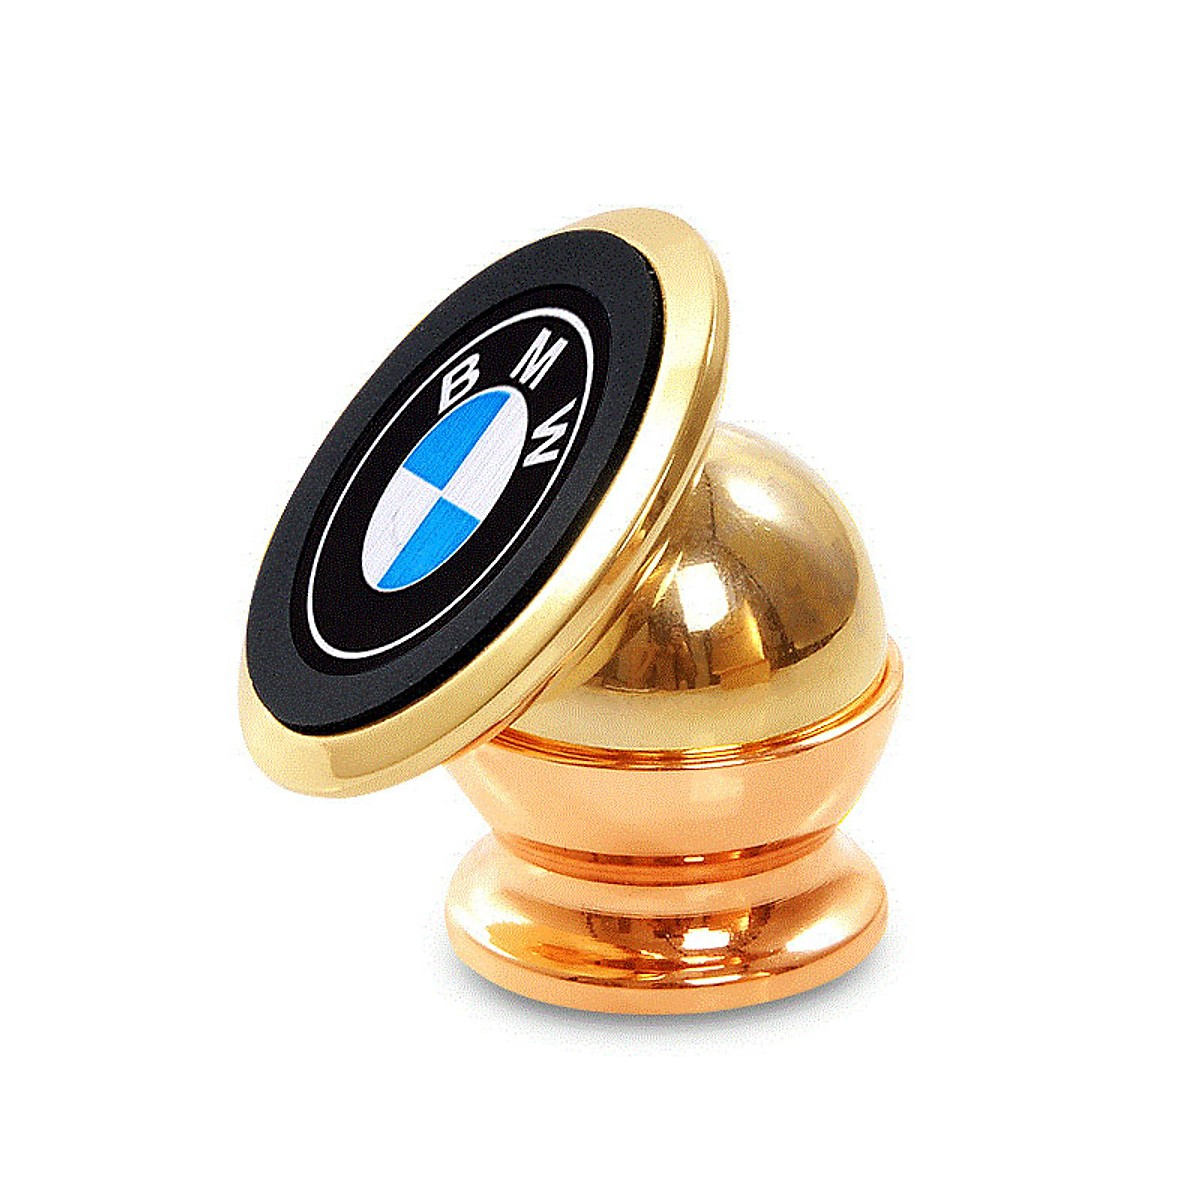 Giá đỡ đế hít nam châm điện thoại 360 độ trên xe hơi ( logo ngẫu nhiên ) - Tặng Vòng tay RUBY